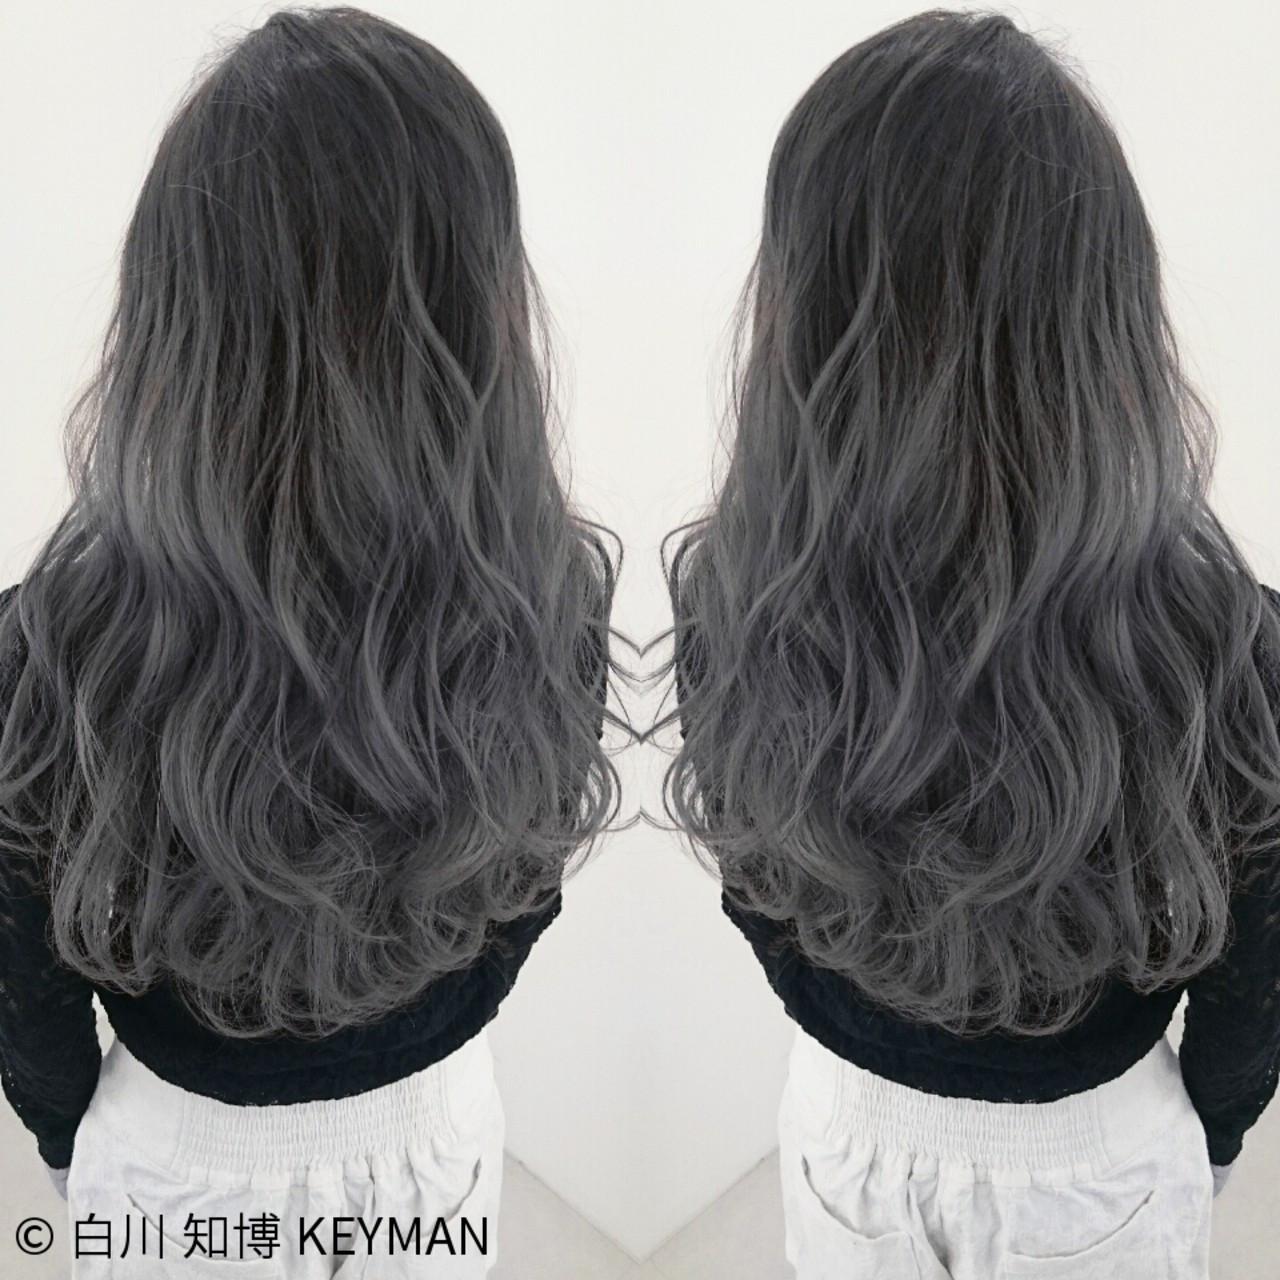 外国人風ヘアを目指す!グレー系のおすすめ髪色ヘアカタログ♡ 白川 知博 KEYMAN